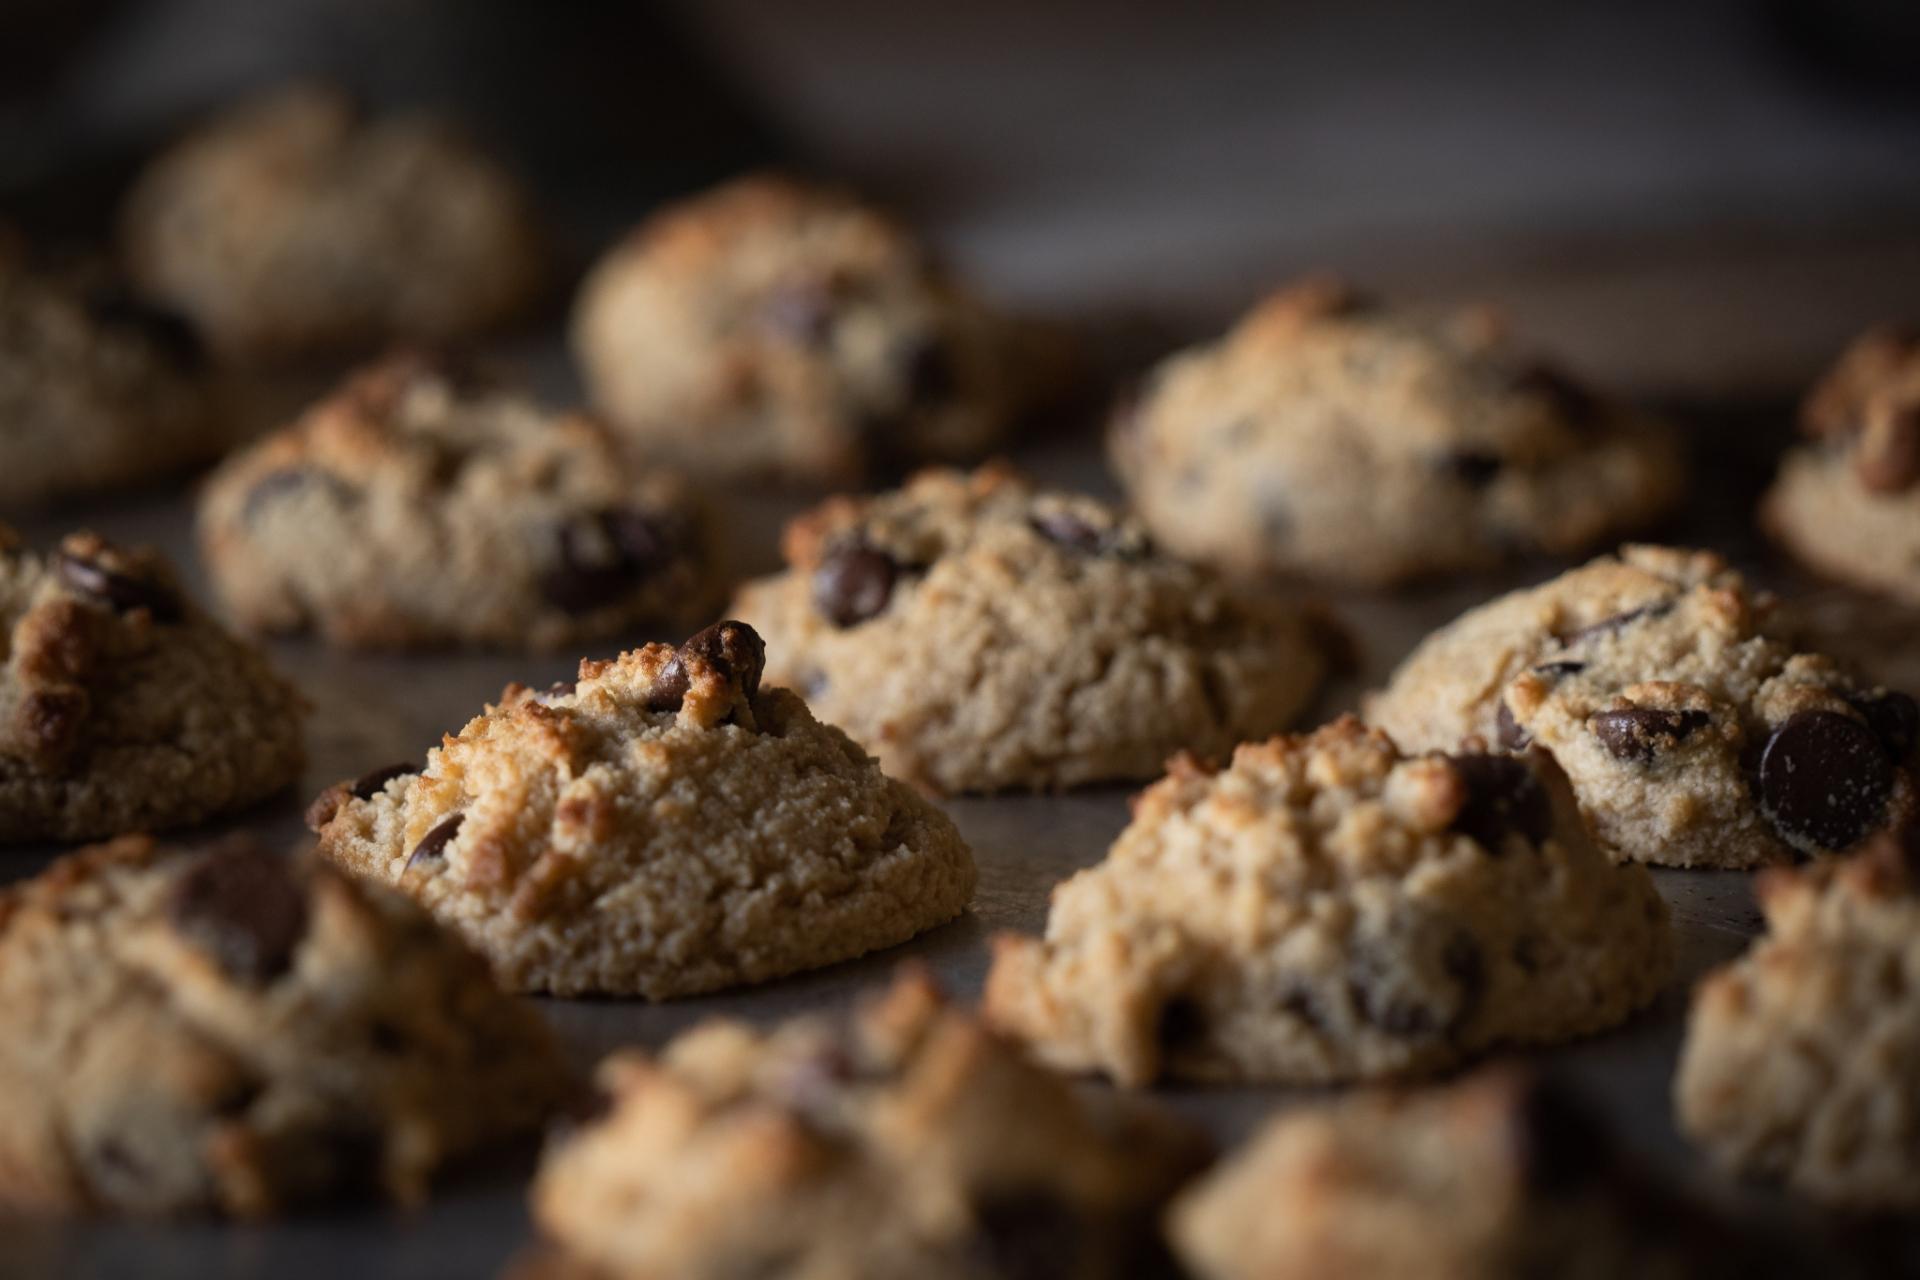 Chocolate chip cookies lockdown food trends